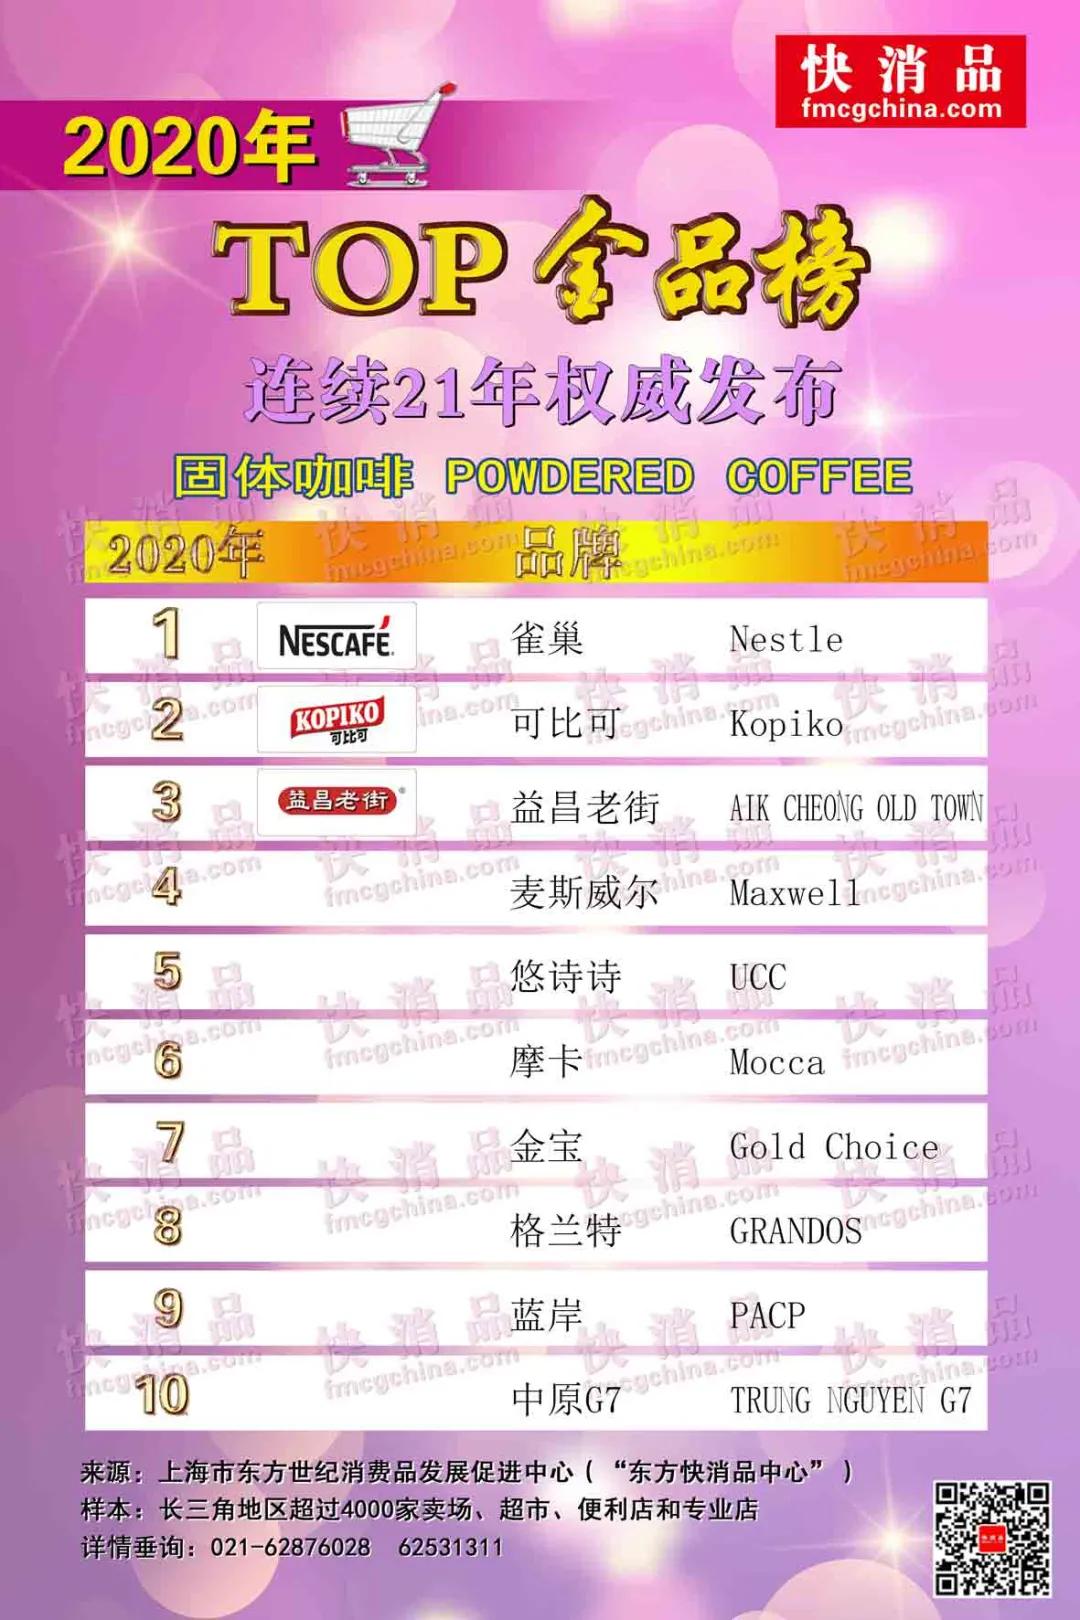 """「独家」""""2020饮品TOP金品榜(之一)""""公布"""